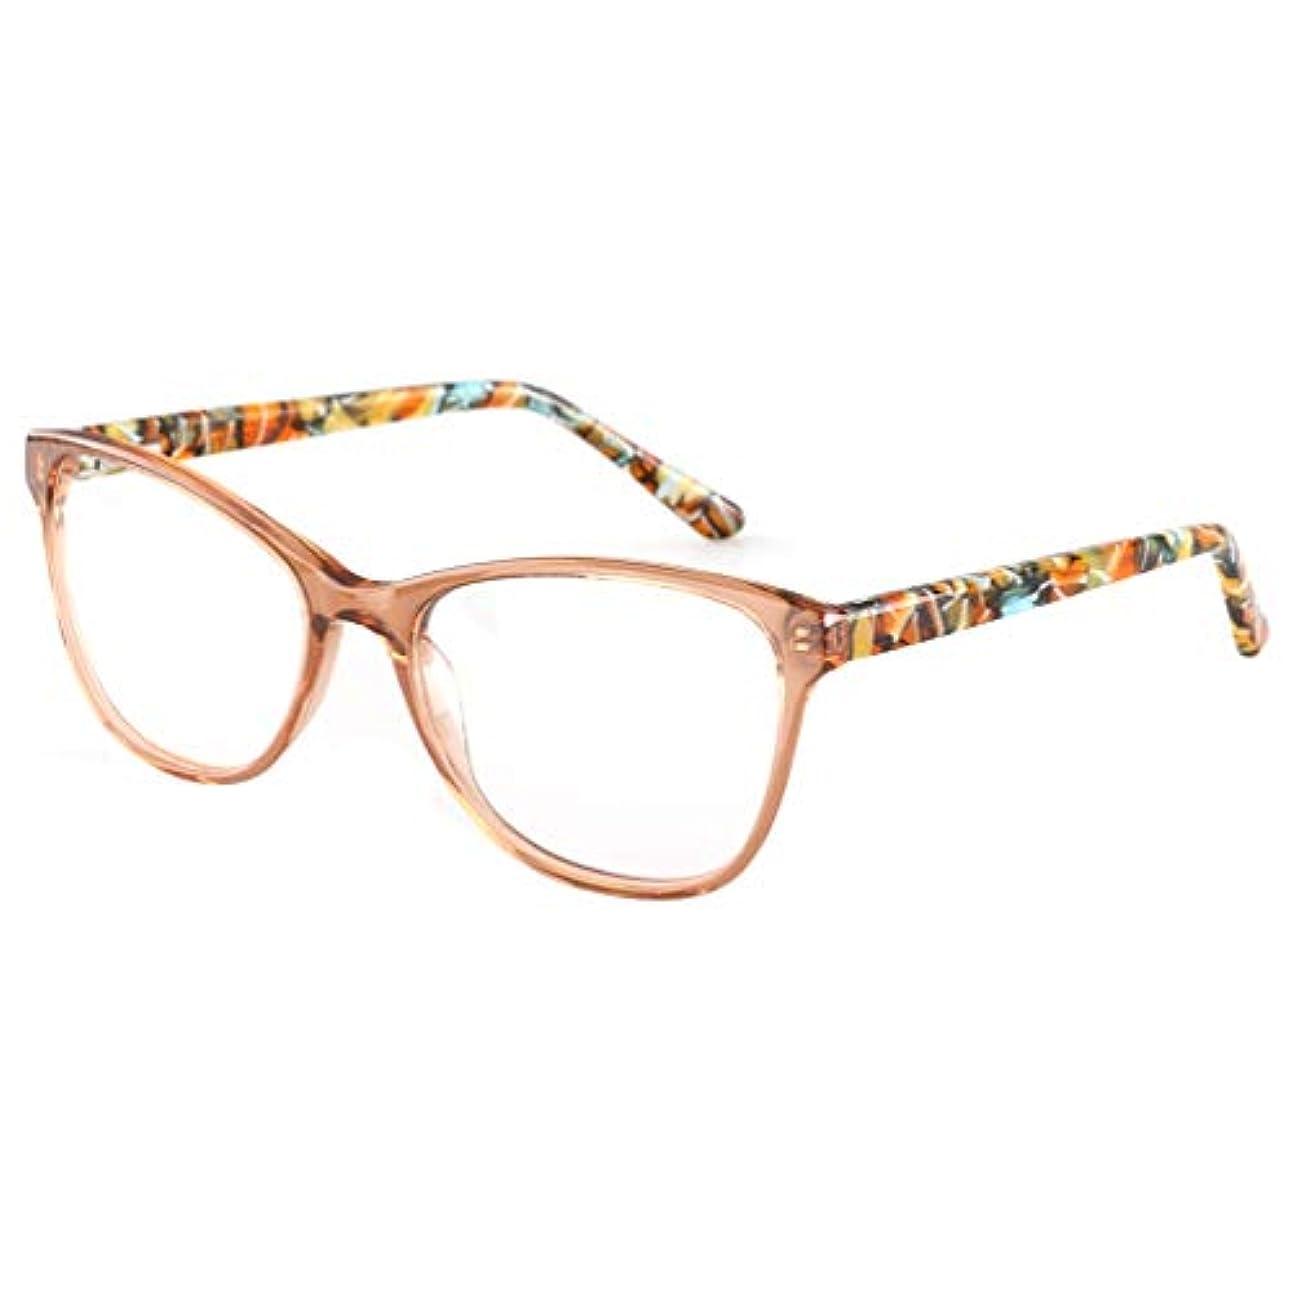 眼鏡老眼鏡、男性と女性の読者サンコンピュータ老眼鏡、遠近両用 - 屋外用カラー自動調整